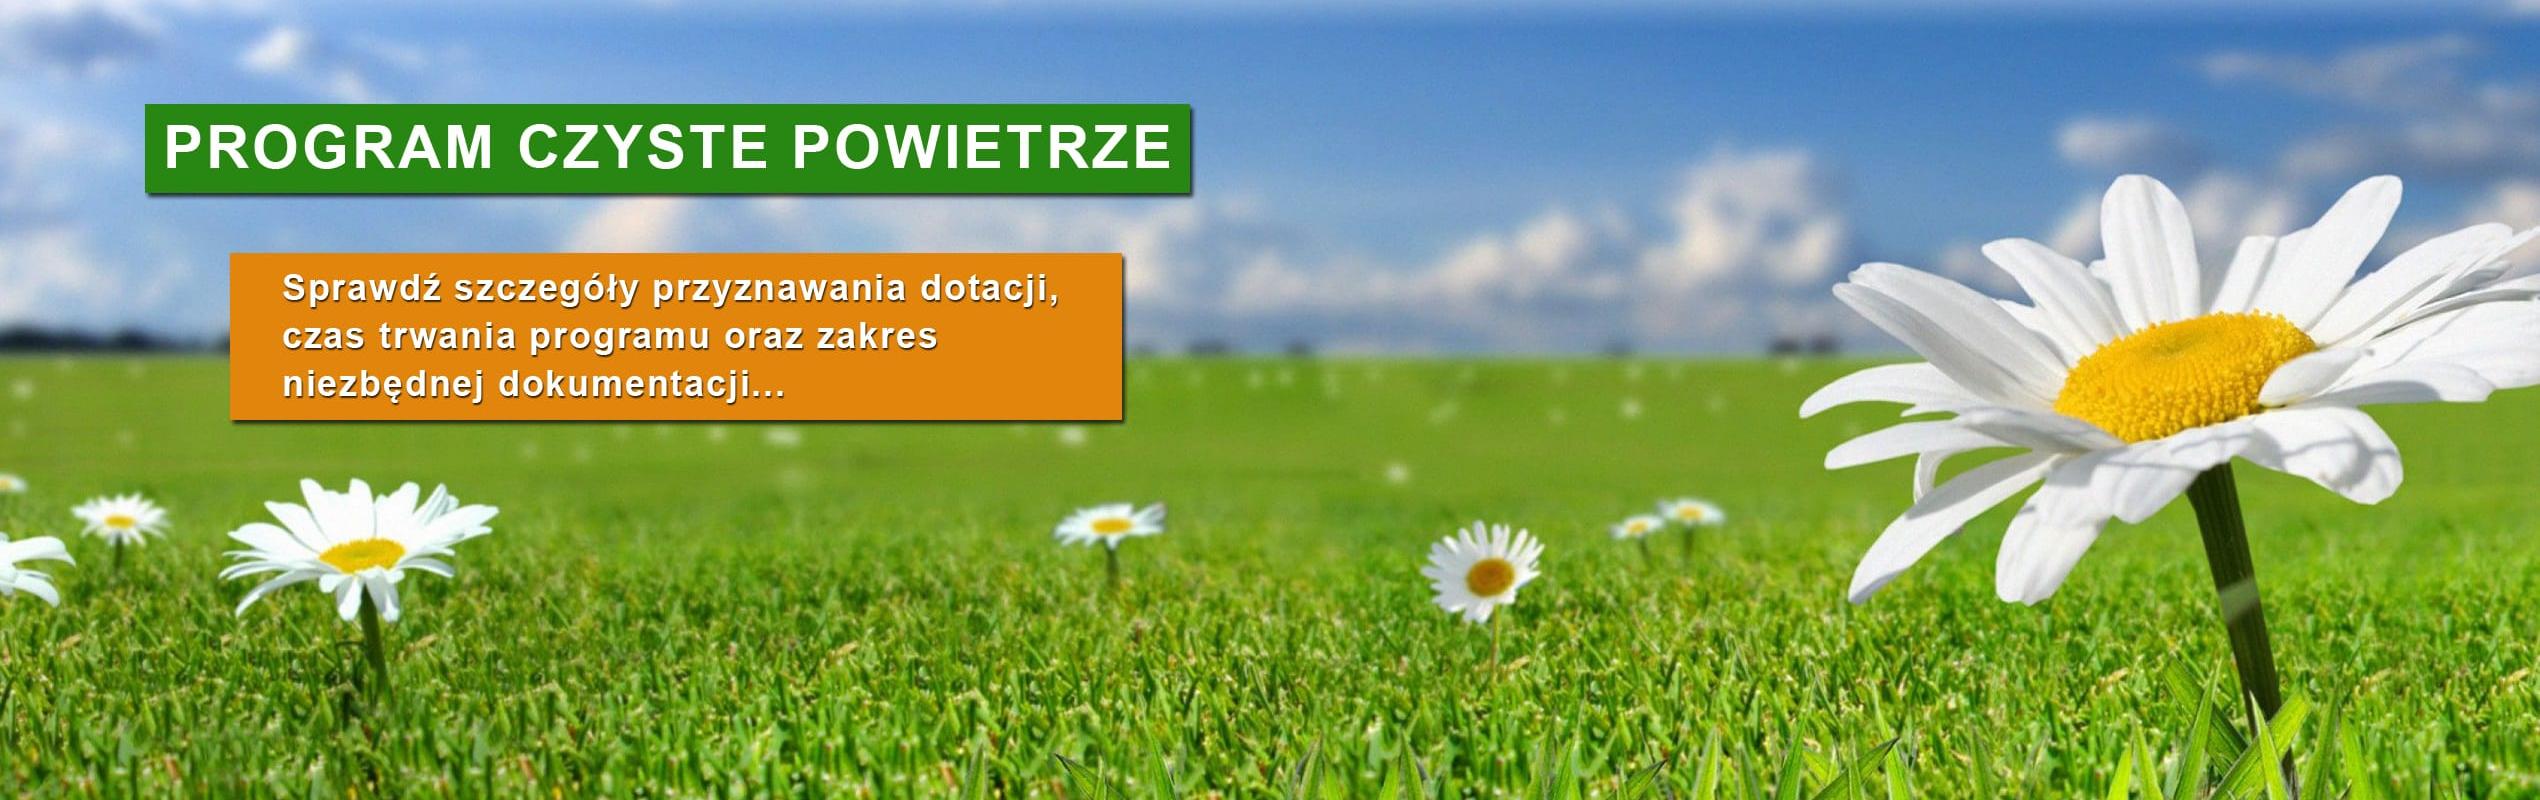 Kawah Producent Kotłów C.O.